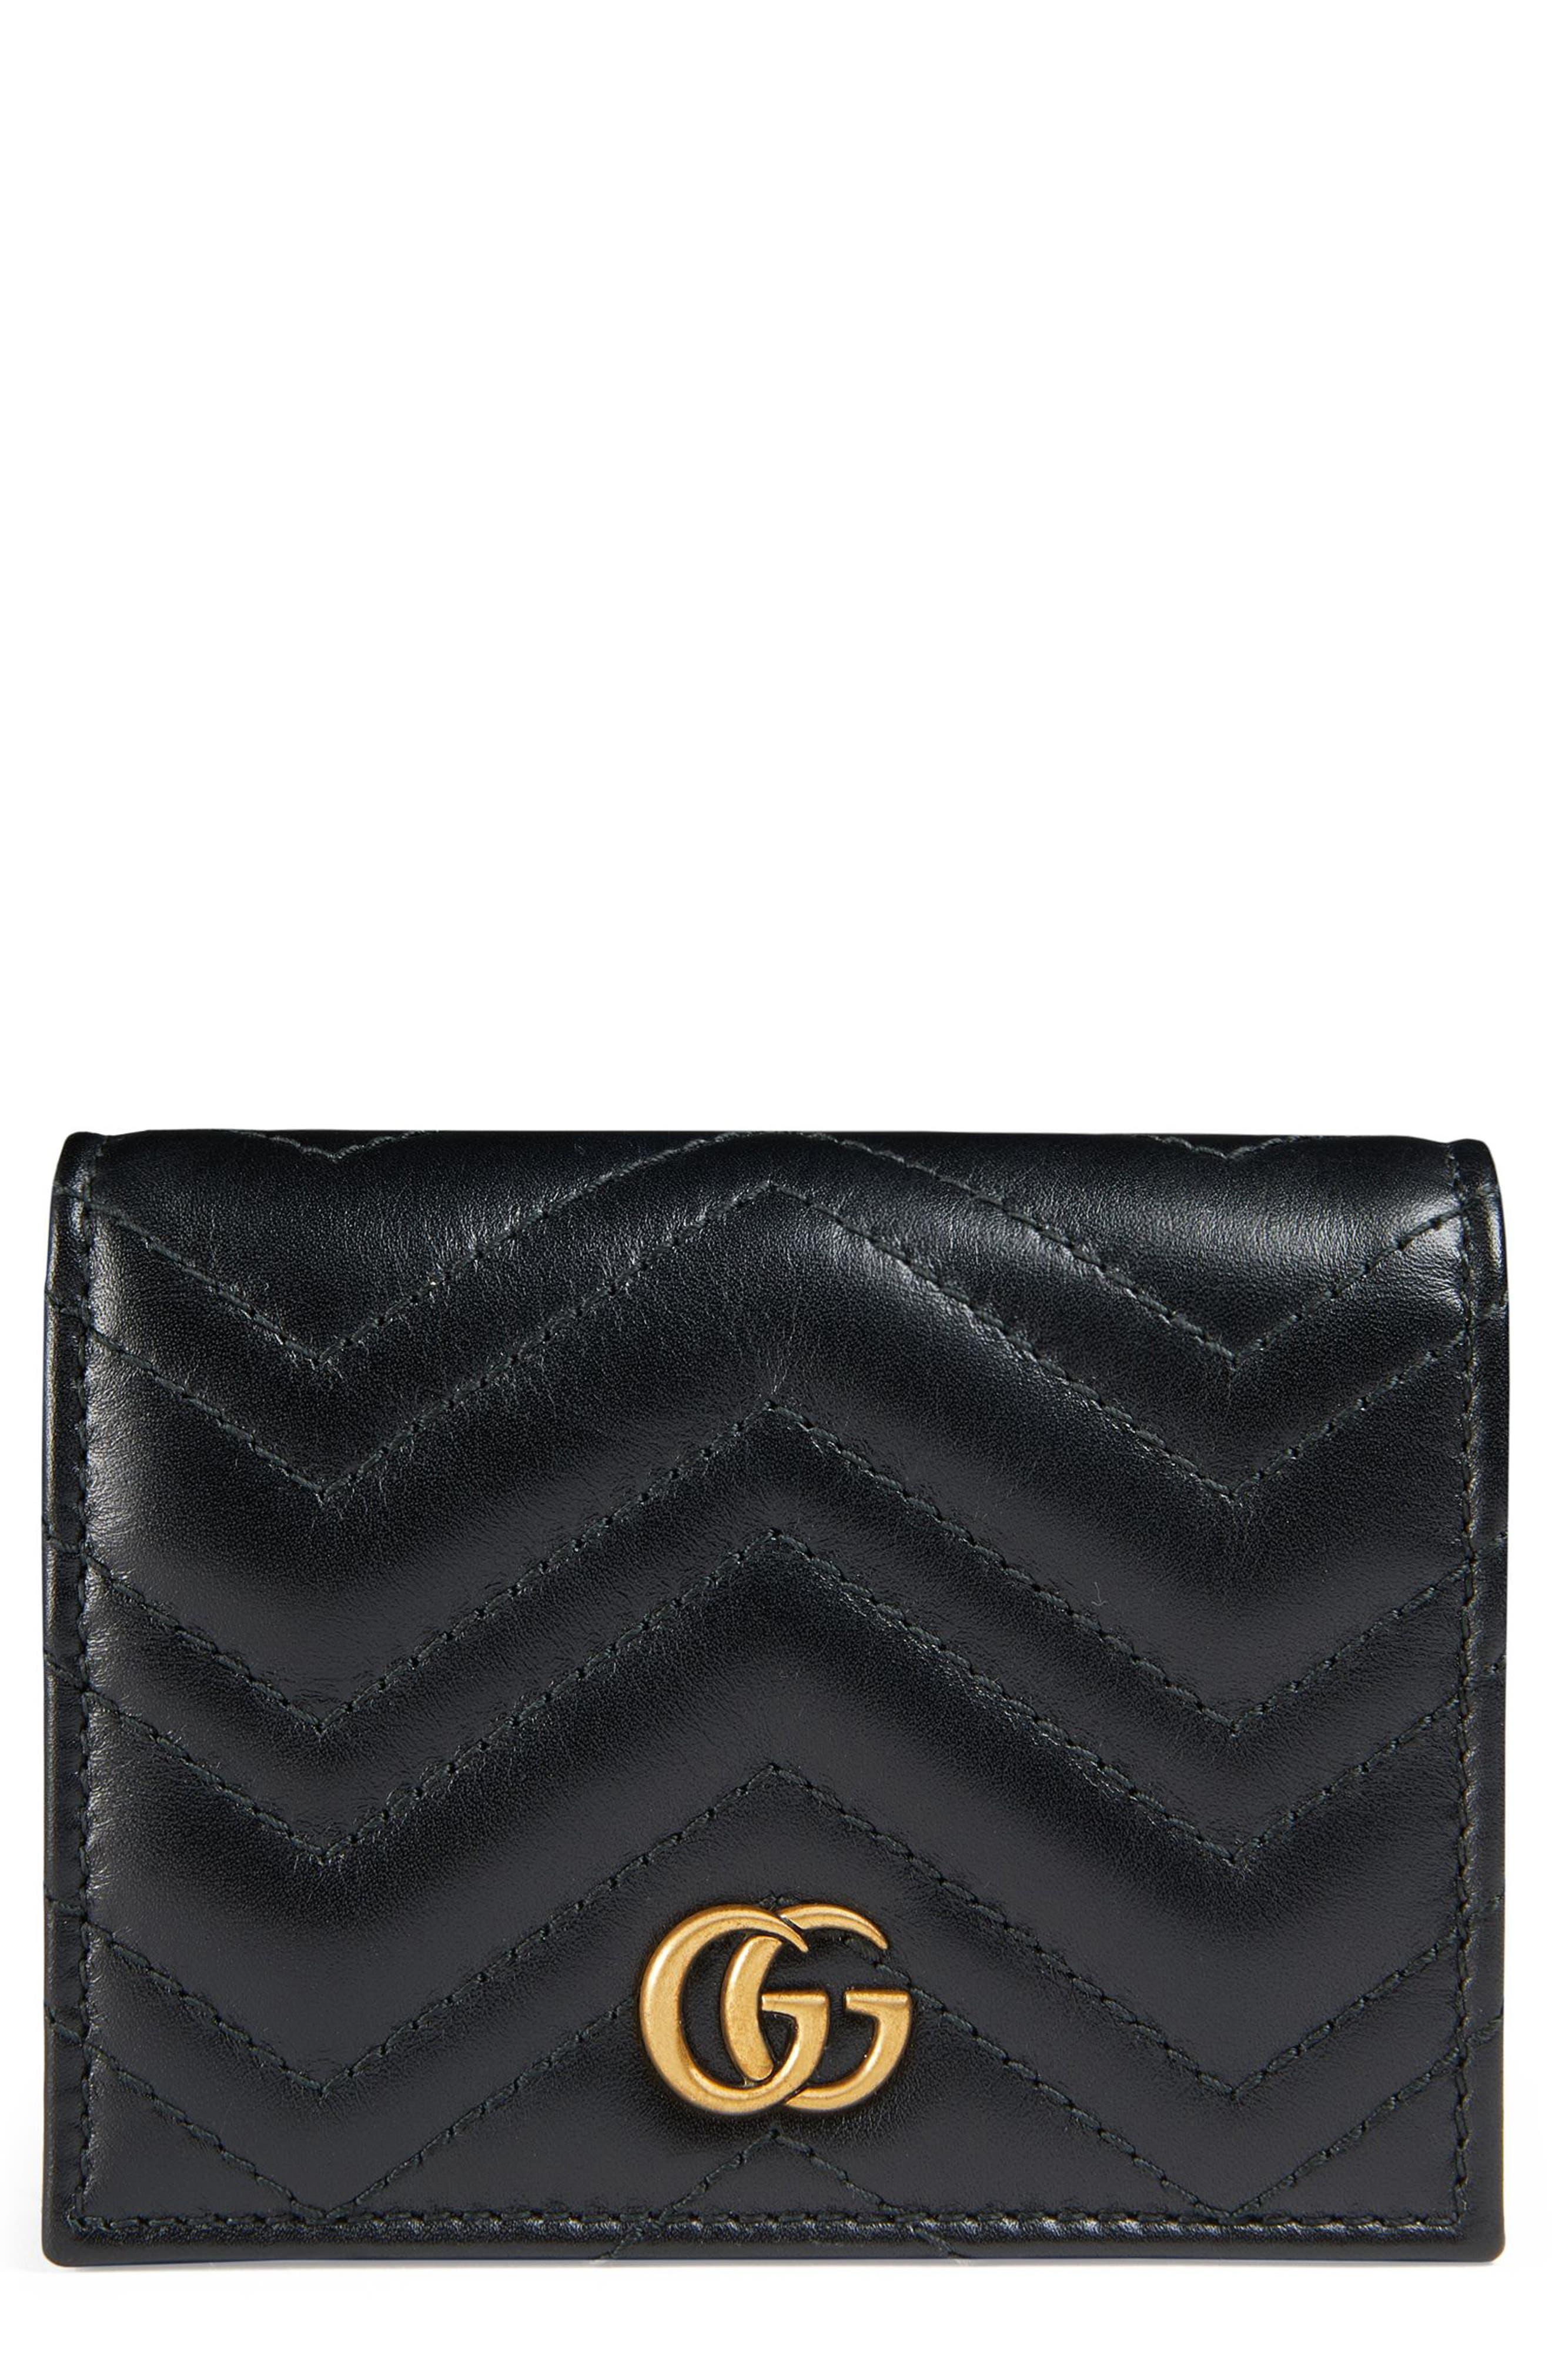 Gucci GG Marmont 2.0 Matelassé Leather Snap Card Case